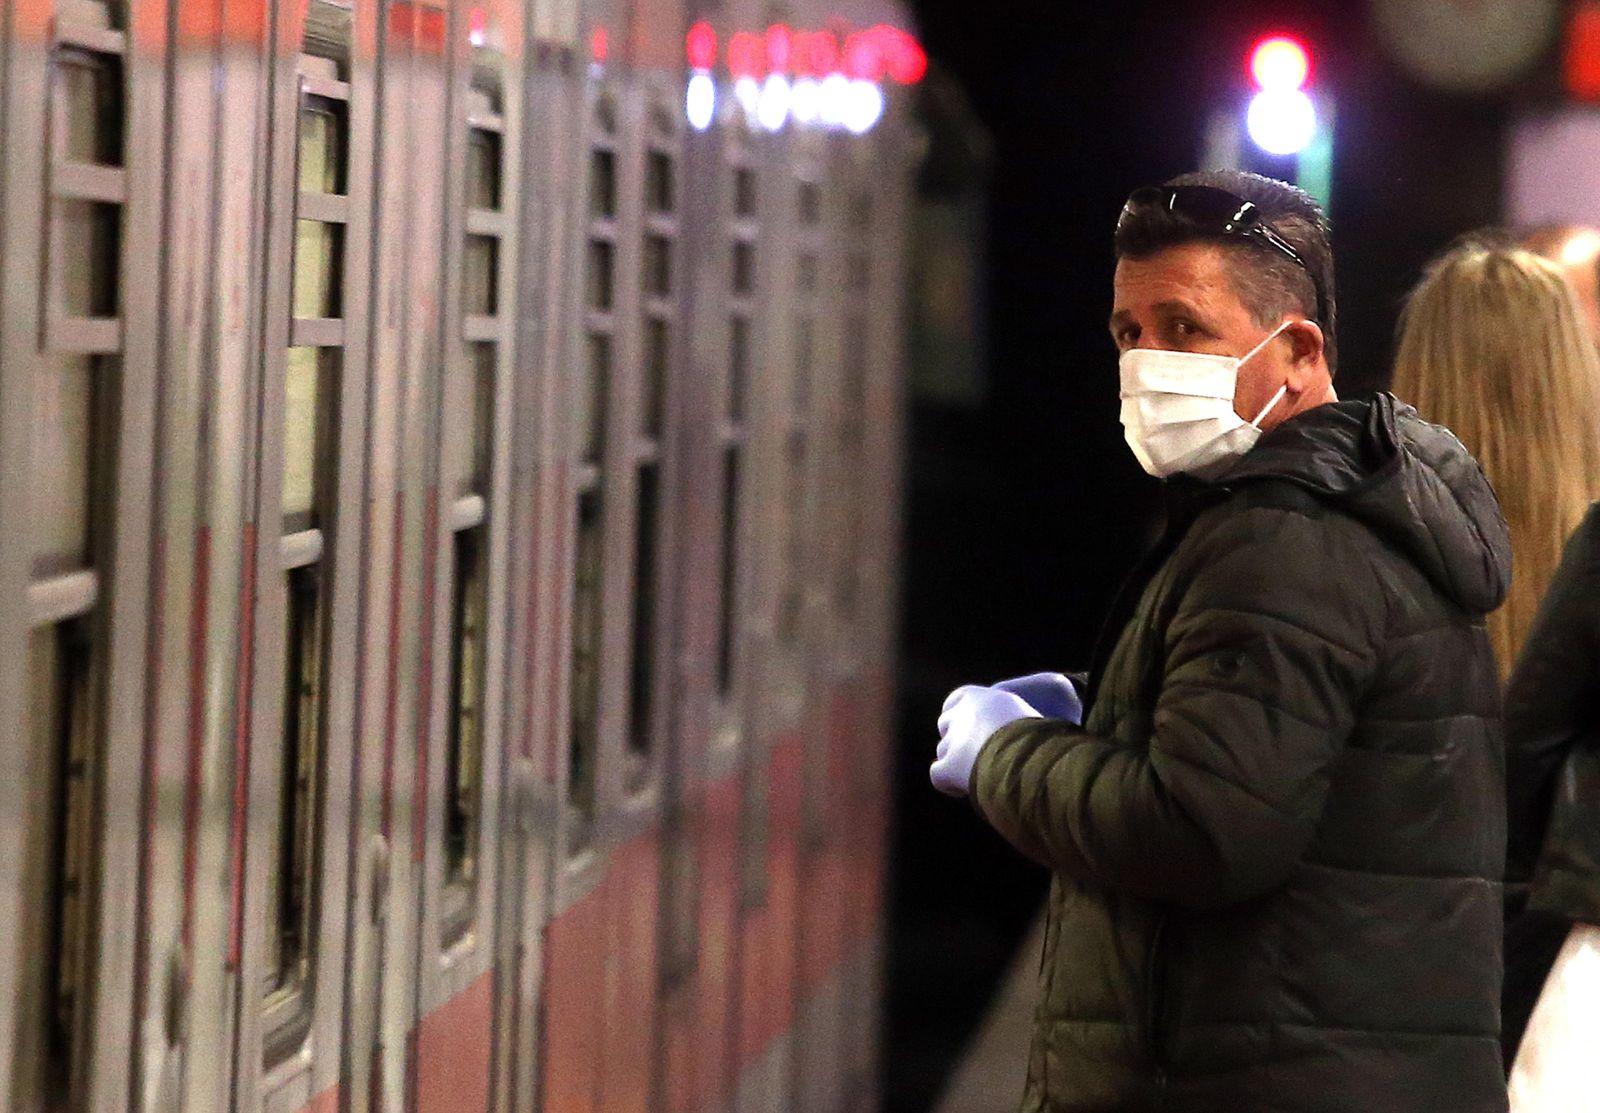 Novel coronavirus in Italy, over 160 cases, Milan - 24 Feb 2020